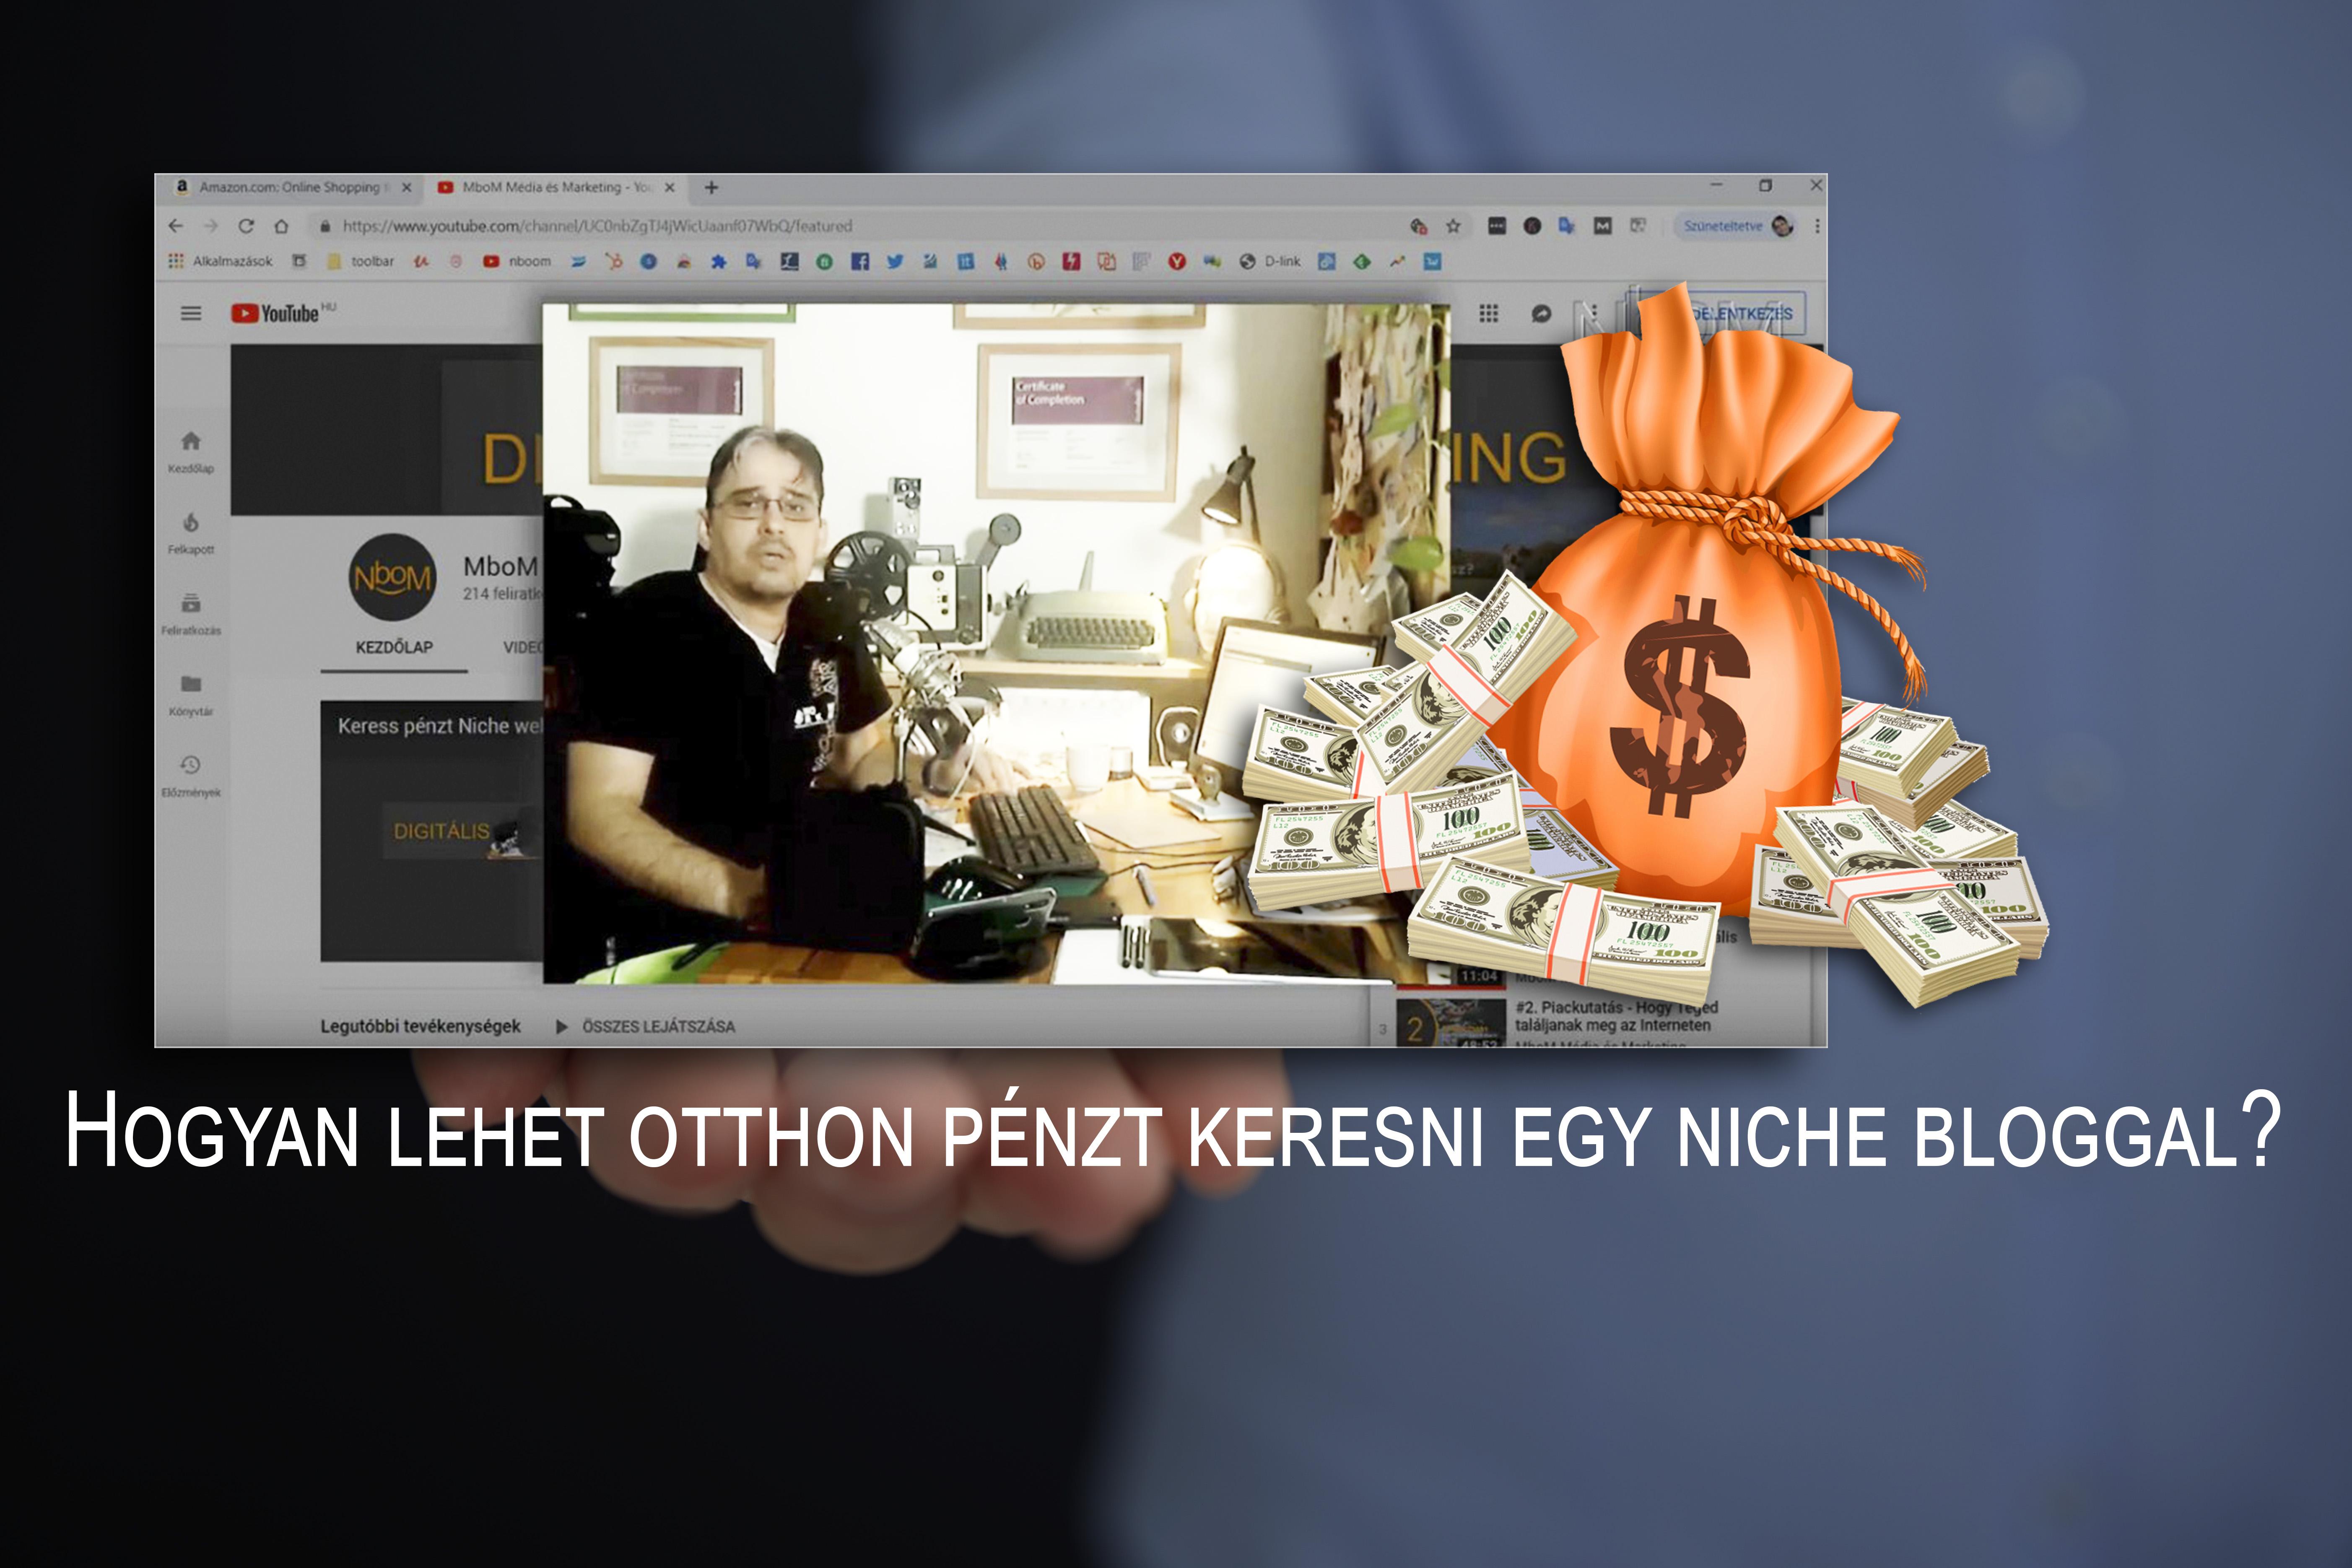 miként lehet otthon pénzt keresni)